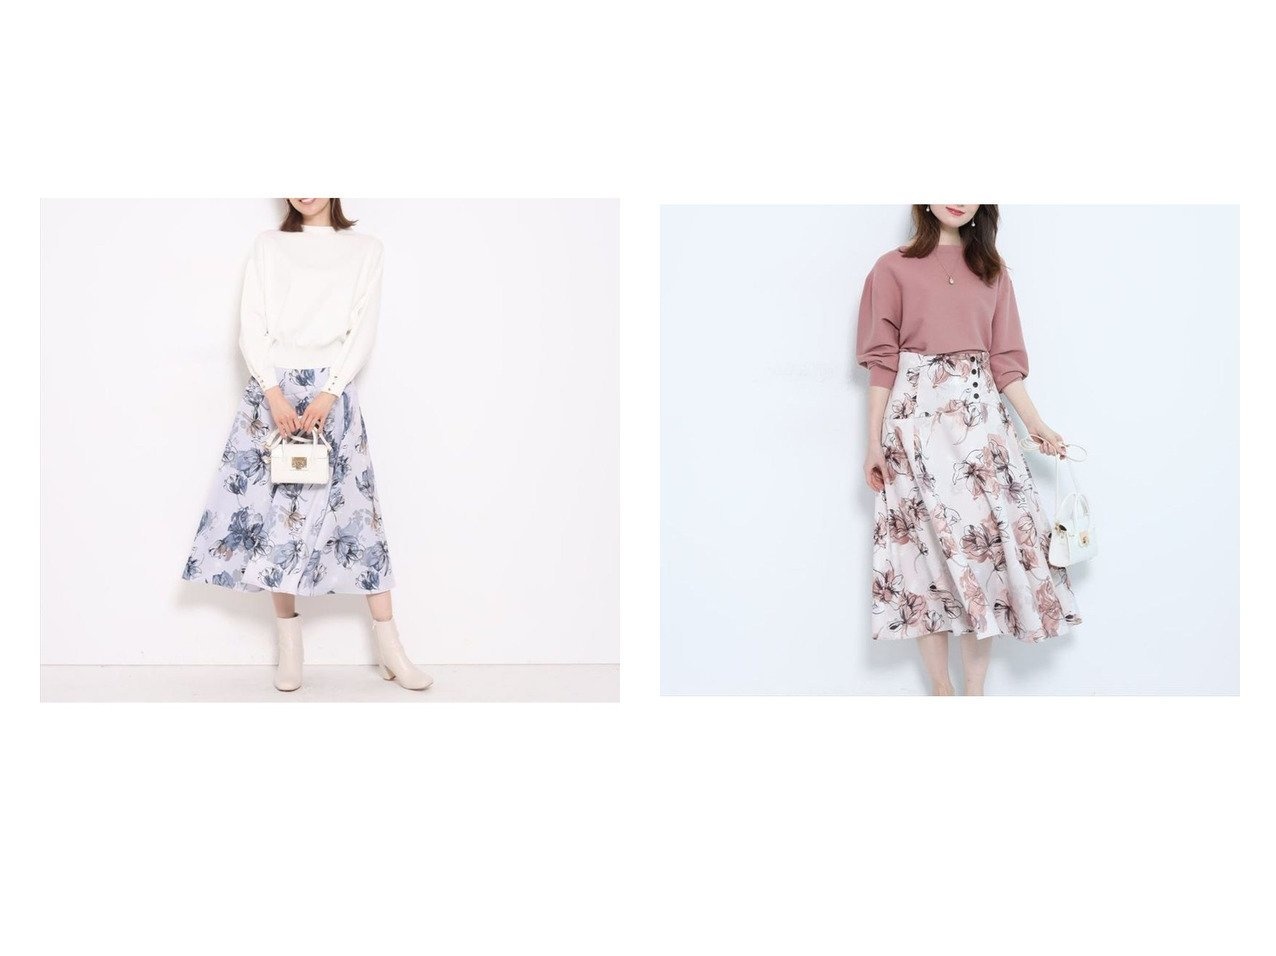 【Apuweiser-riche/アプワイザーリッシェ】のプリントフラワースカート スカートのおすすめ!人気トレンド・レディースファッションの通販 おすすめで人気の流行・トレンド、ファッションの通販商品 メンズファッション・キッズファッション・インテリア・家具・レディースファッション・服の通販 founy(ファニー) https://founy.com/ ファッション Fashion レディースファッション WOMEN スカート Skirt エレガント フラワー フレア フロント プリント ミモレ  ID:crp329100000008990